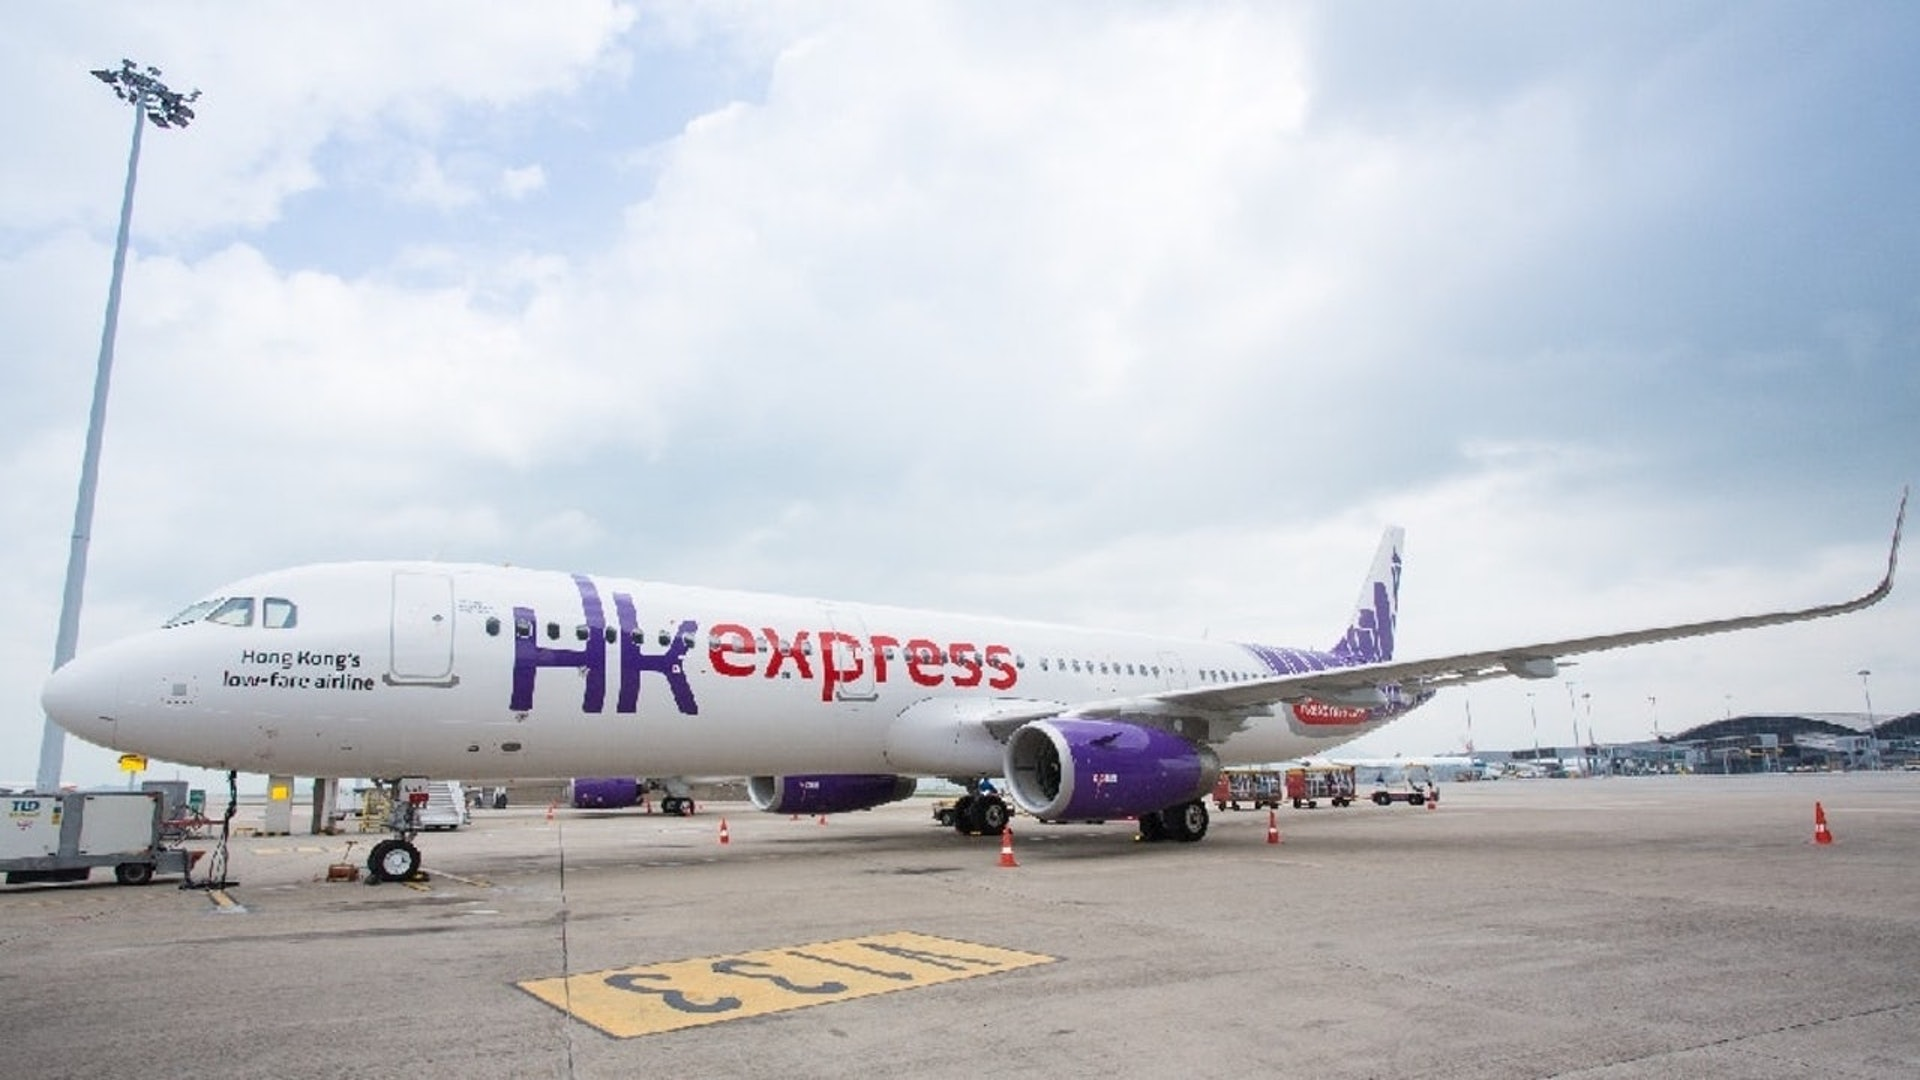 國泰完成收購香港快運繼續以獨立廉航模式營運 香港01 財經快訊